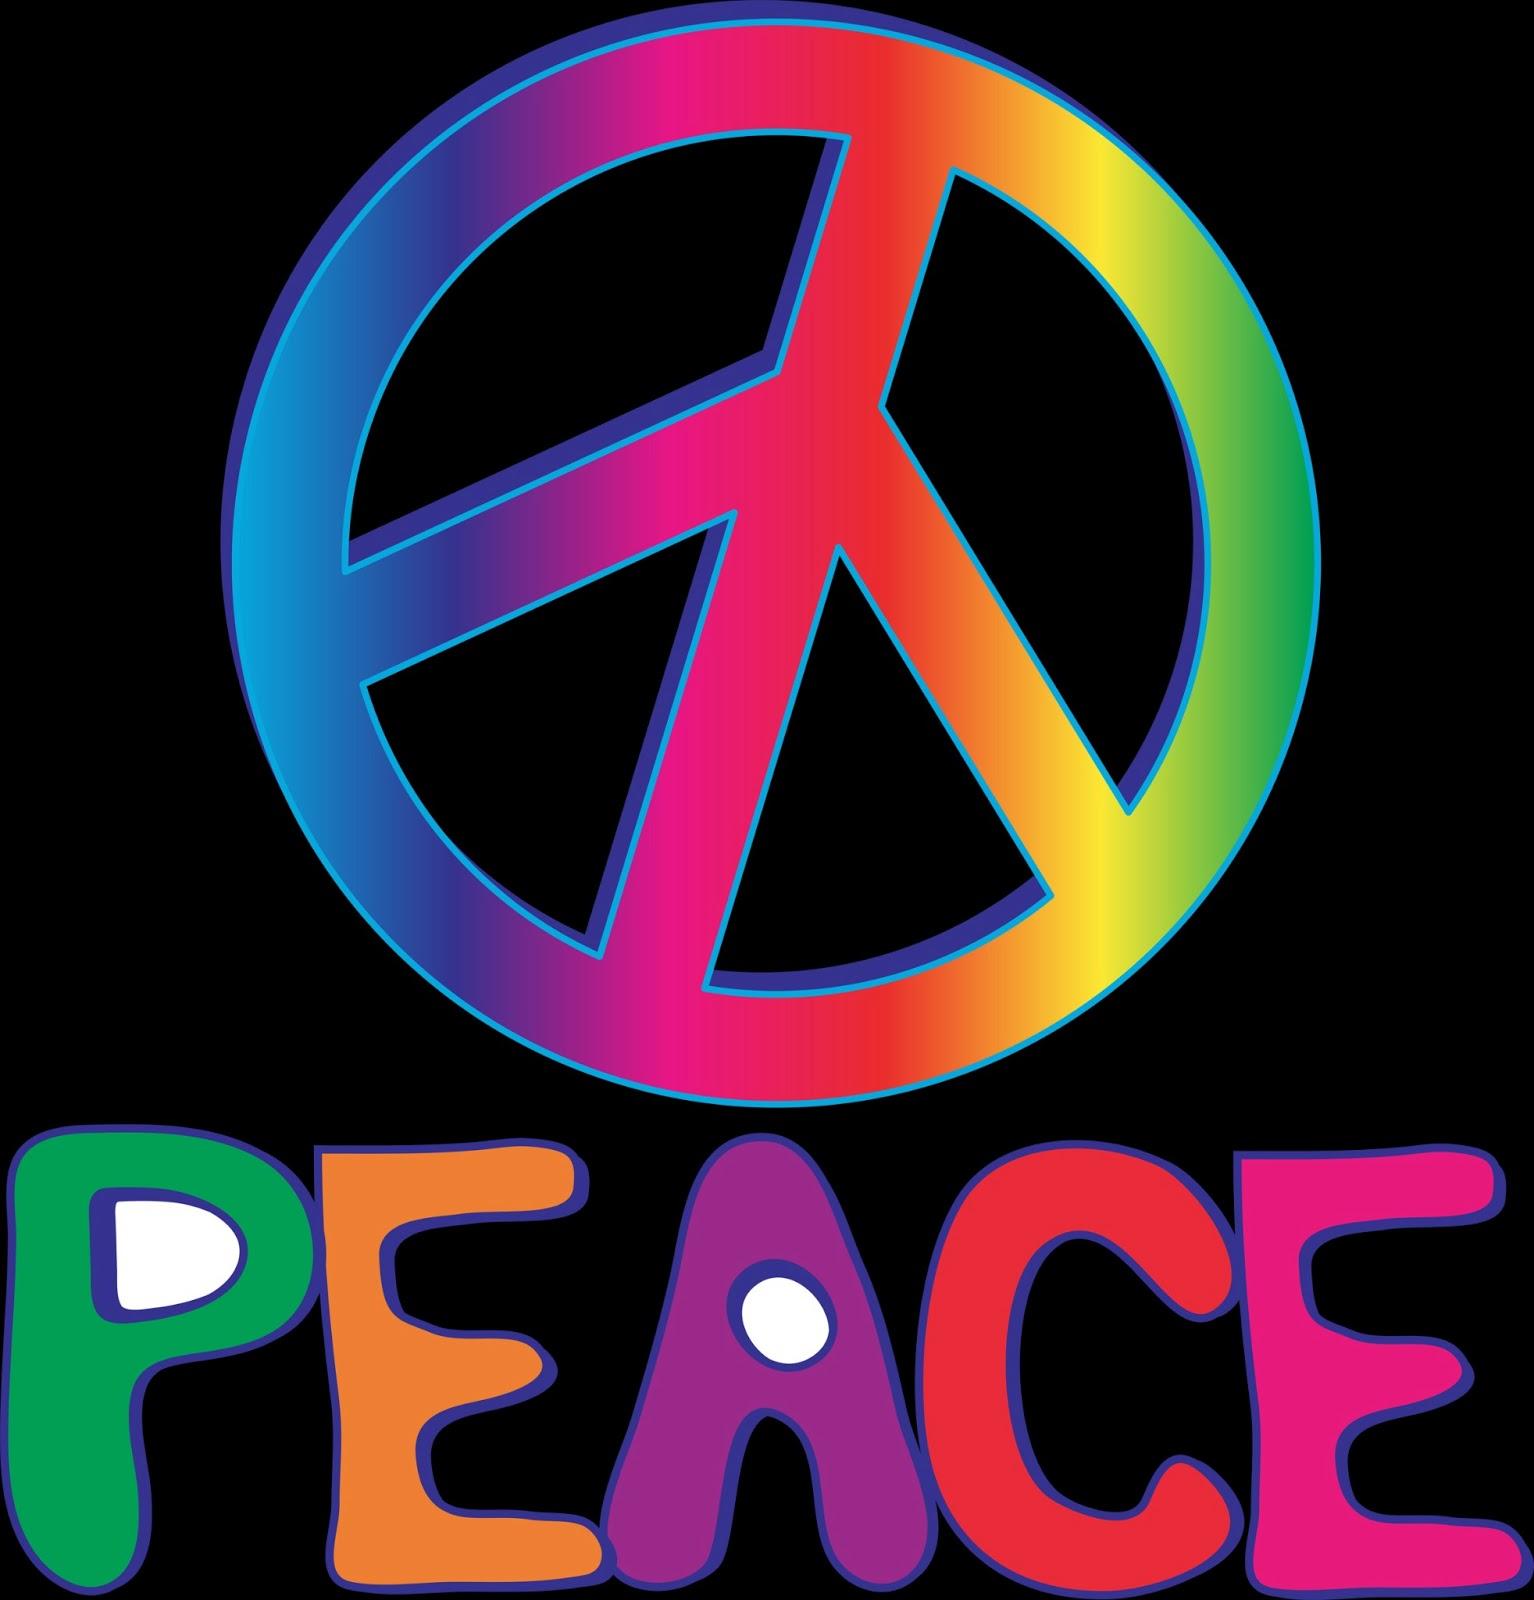 Simbolos de los hippies | Hippies